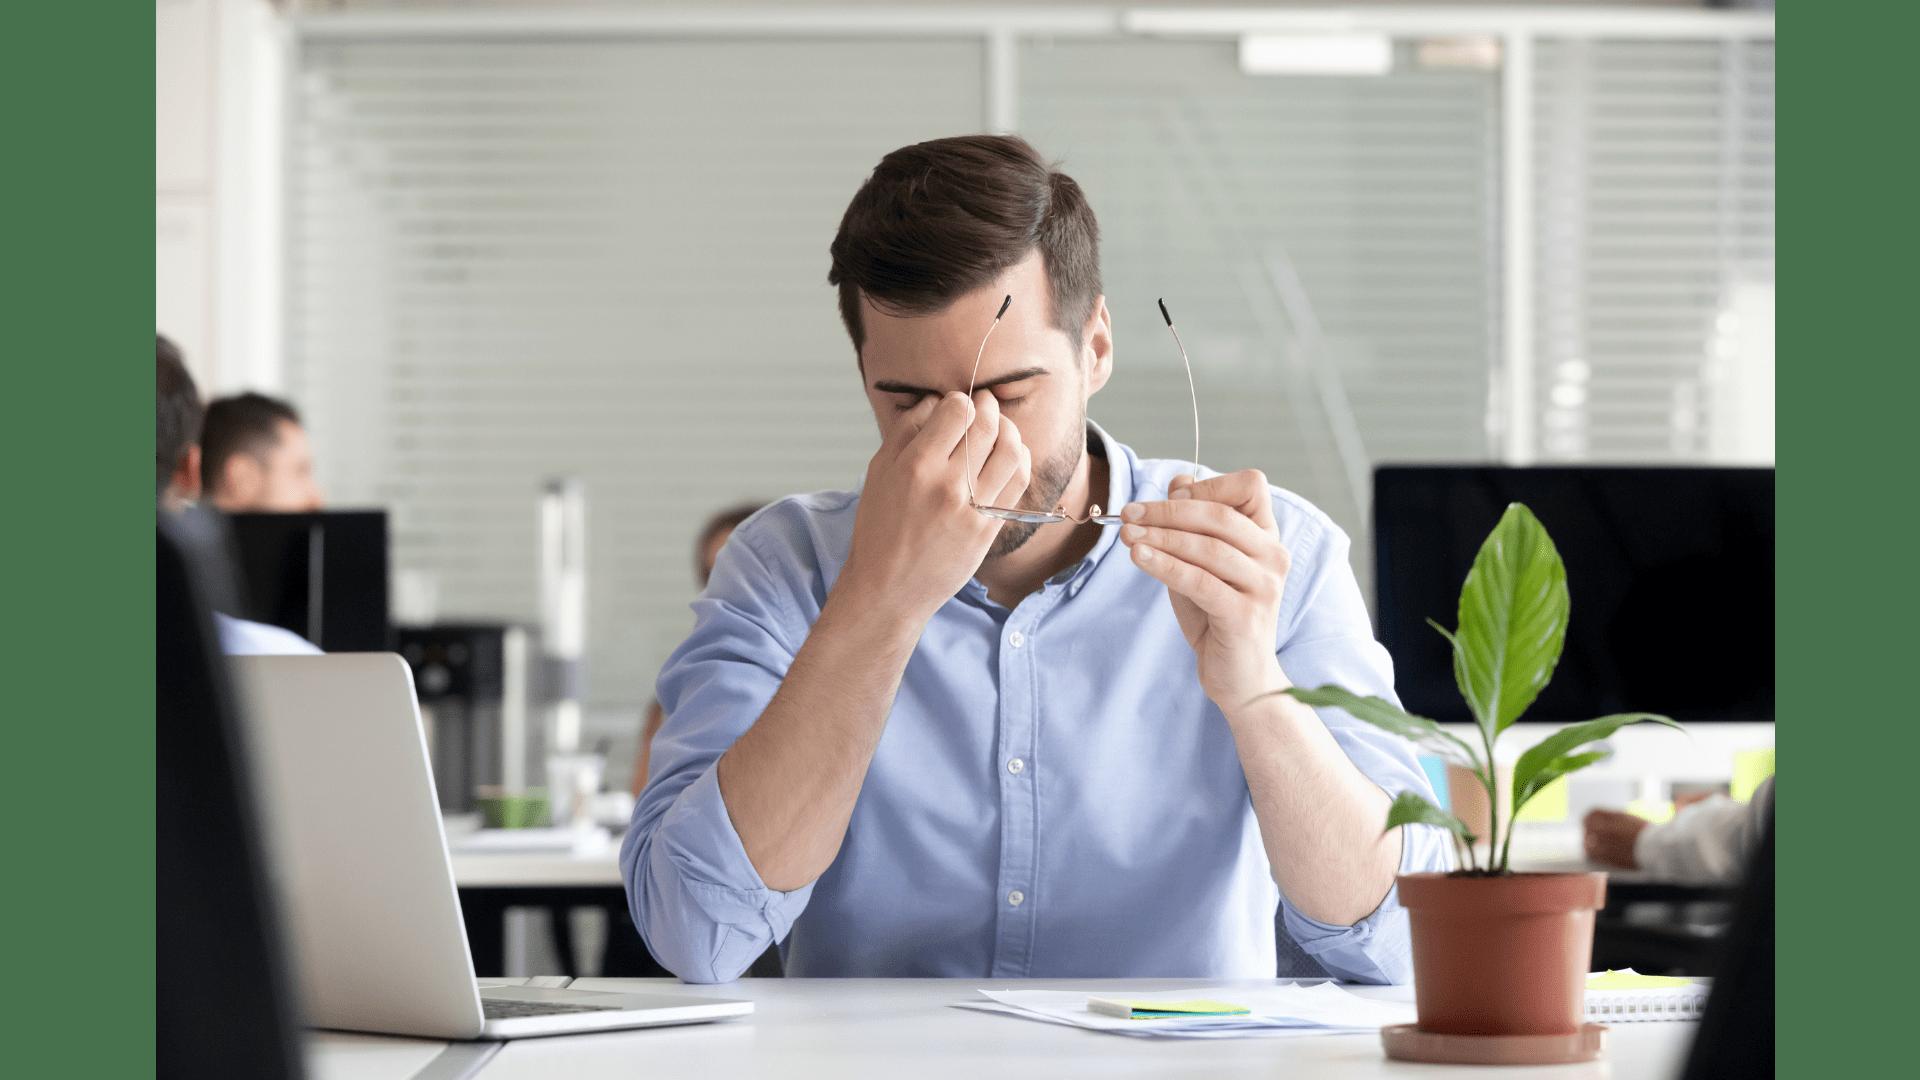 Vision Problem Headache